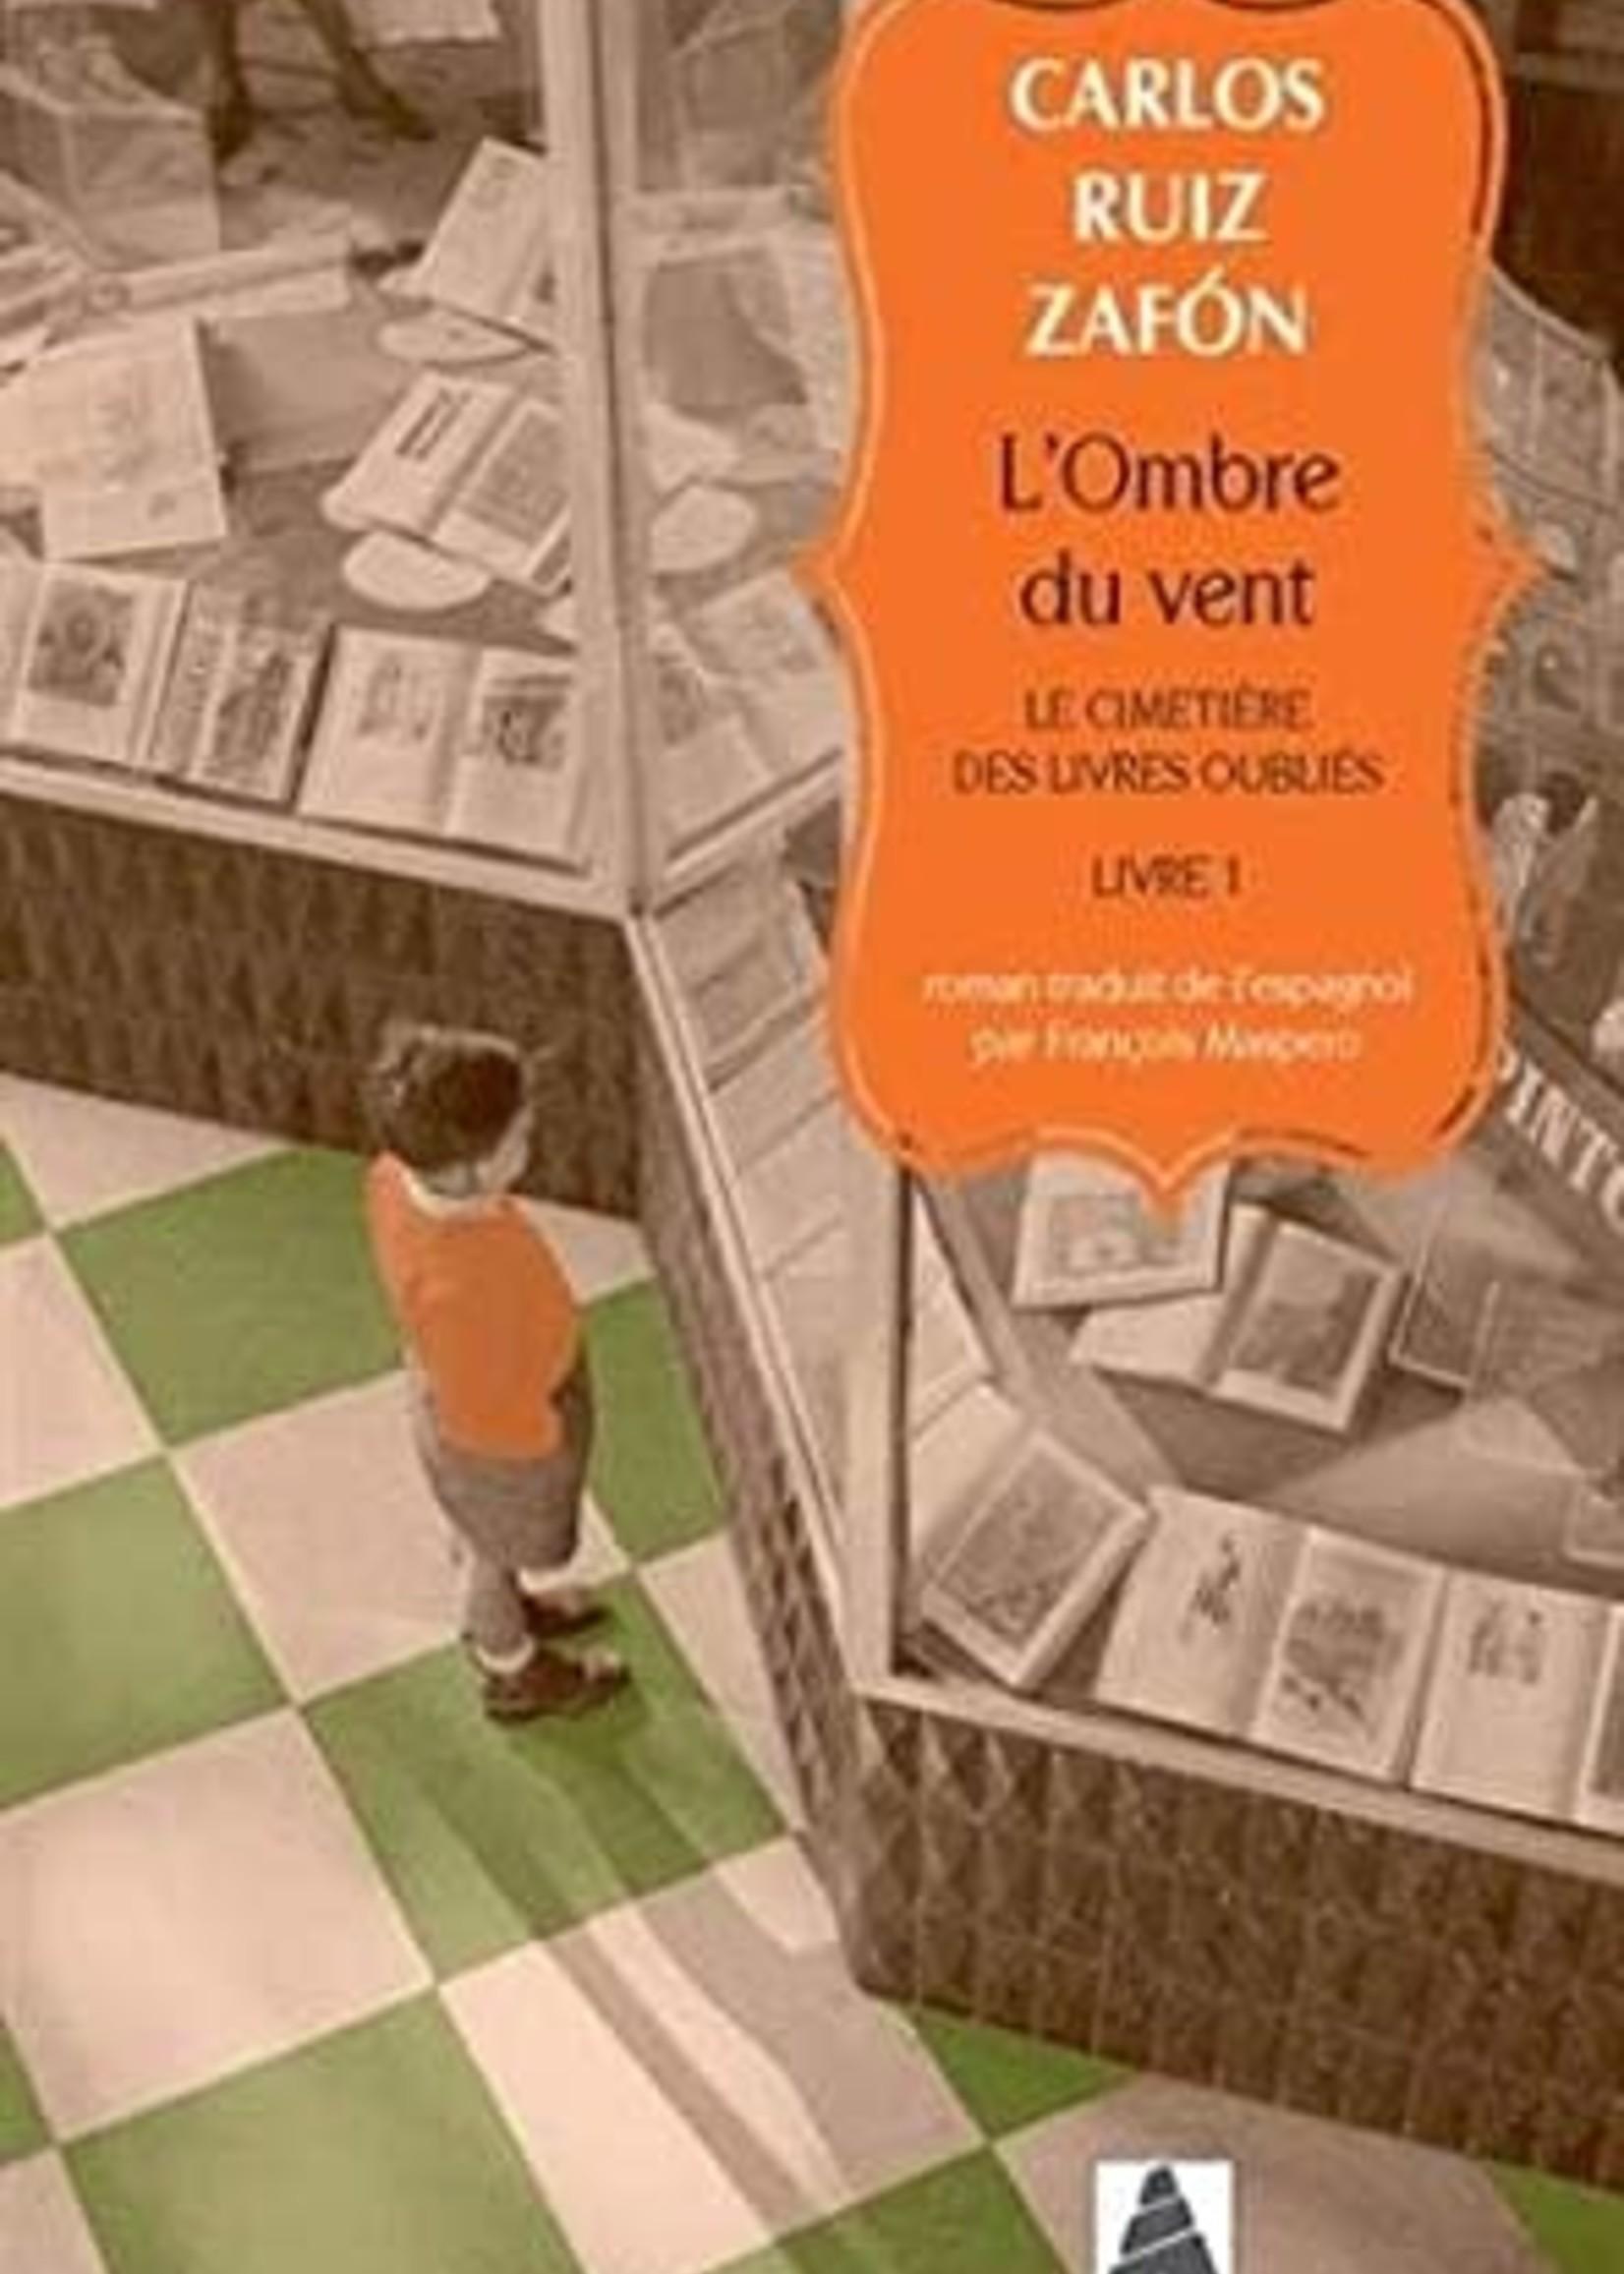 L'ombre du vent: Le cimetière des livres oubliés, livre 1 by Carlos Ruiz Zafón